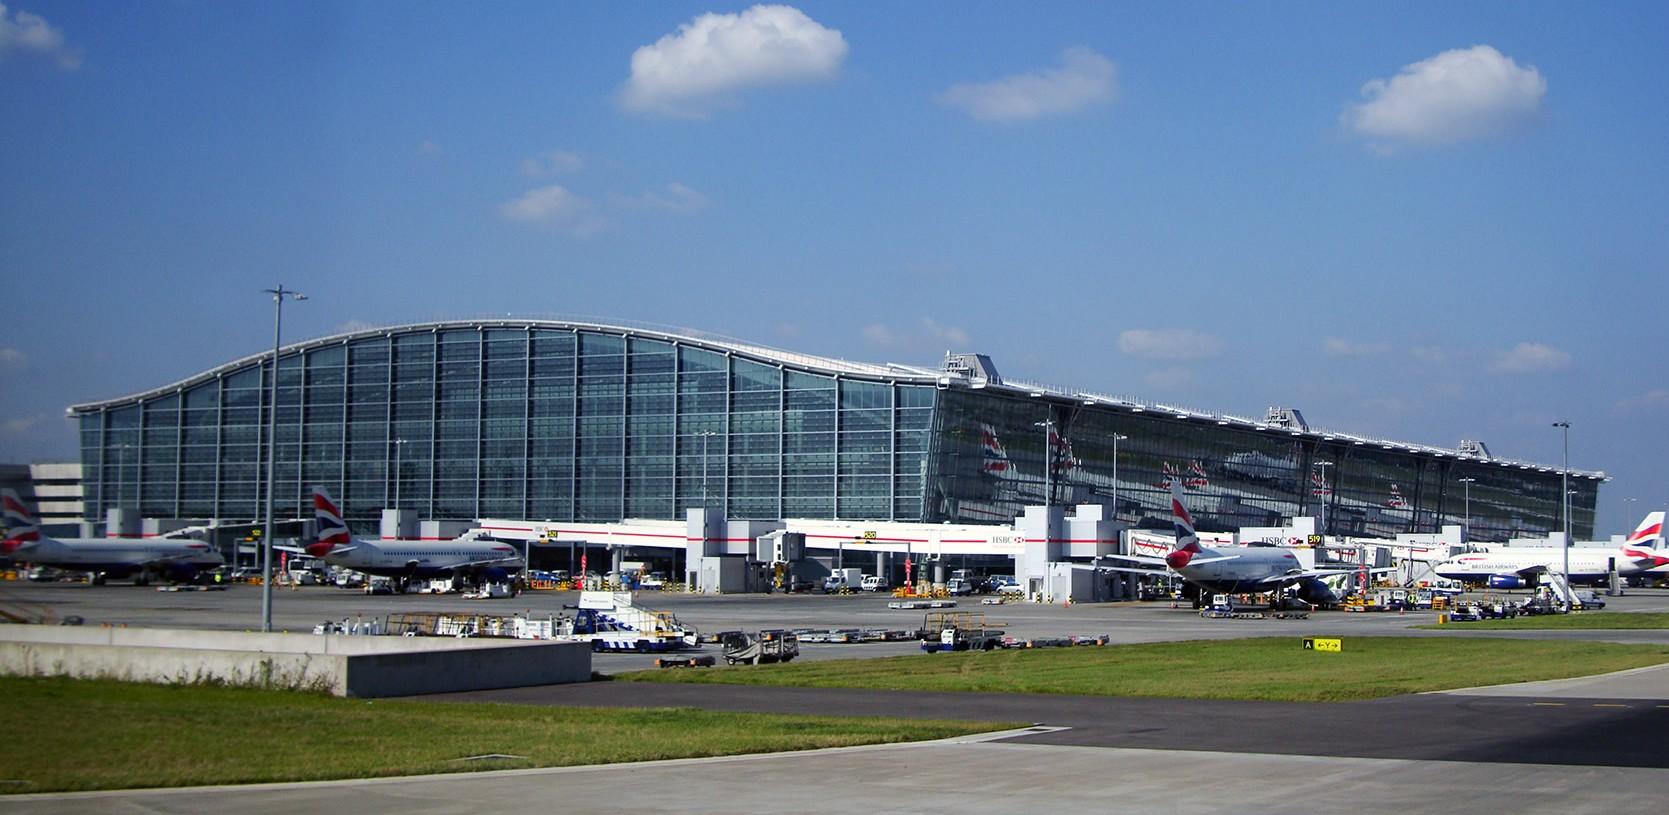 Terminal 5 i London Heathrow. Foto: Warren Rohner